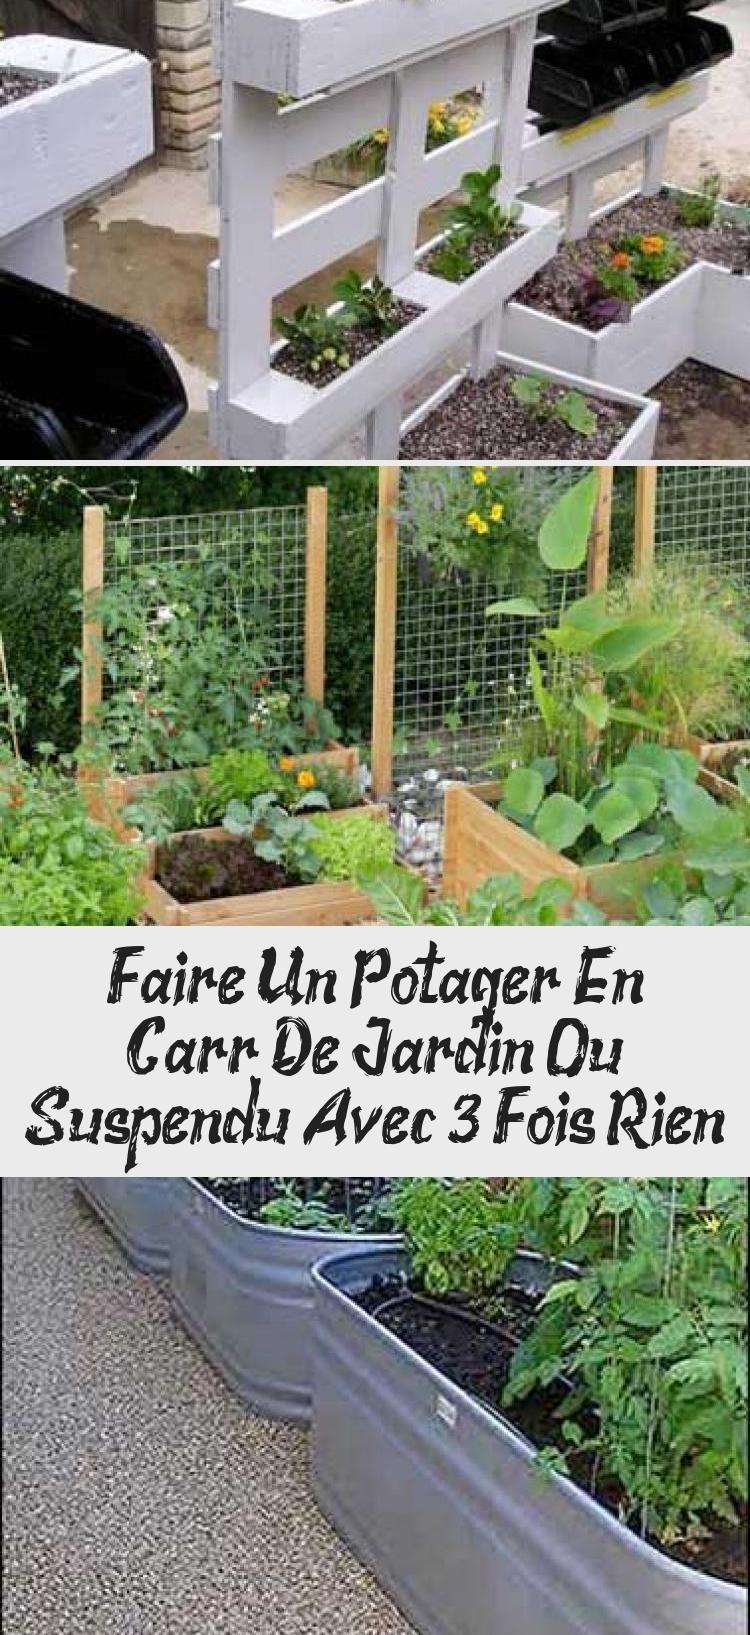 Un Potager En Carré faire un potager en carré de jardin ou suspendu avec 3 fois